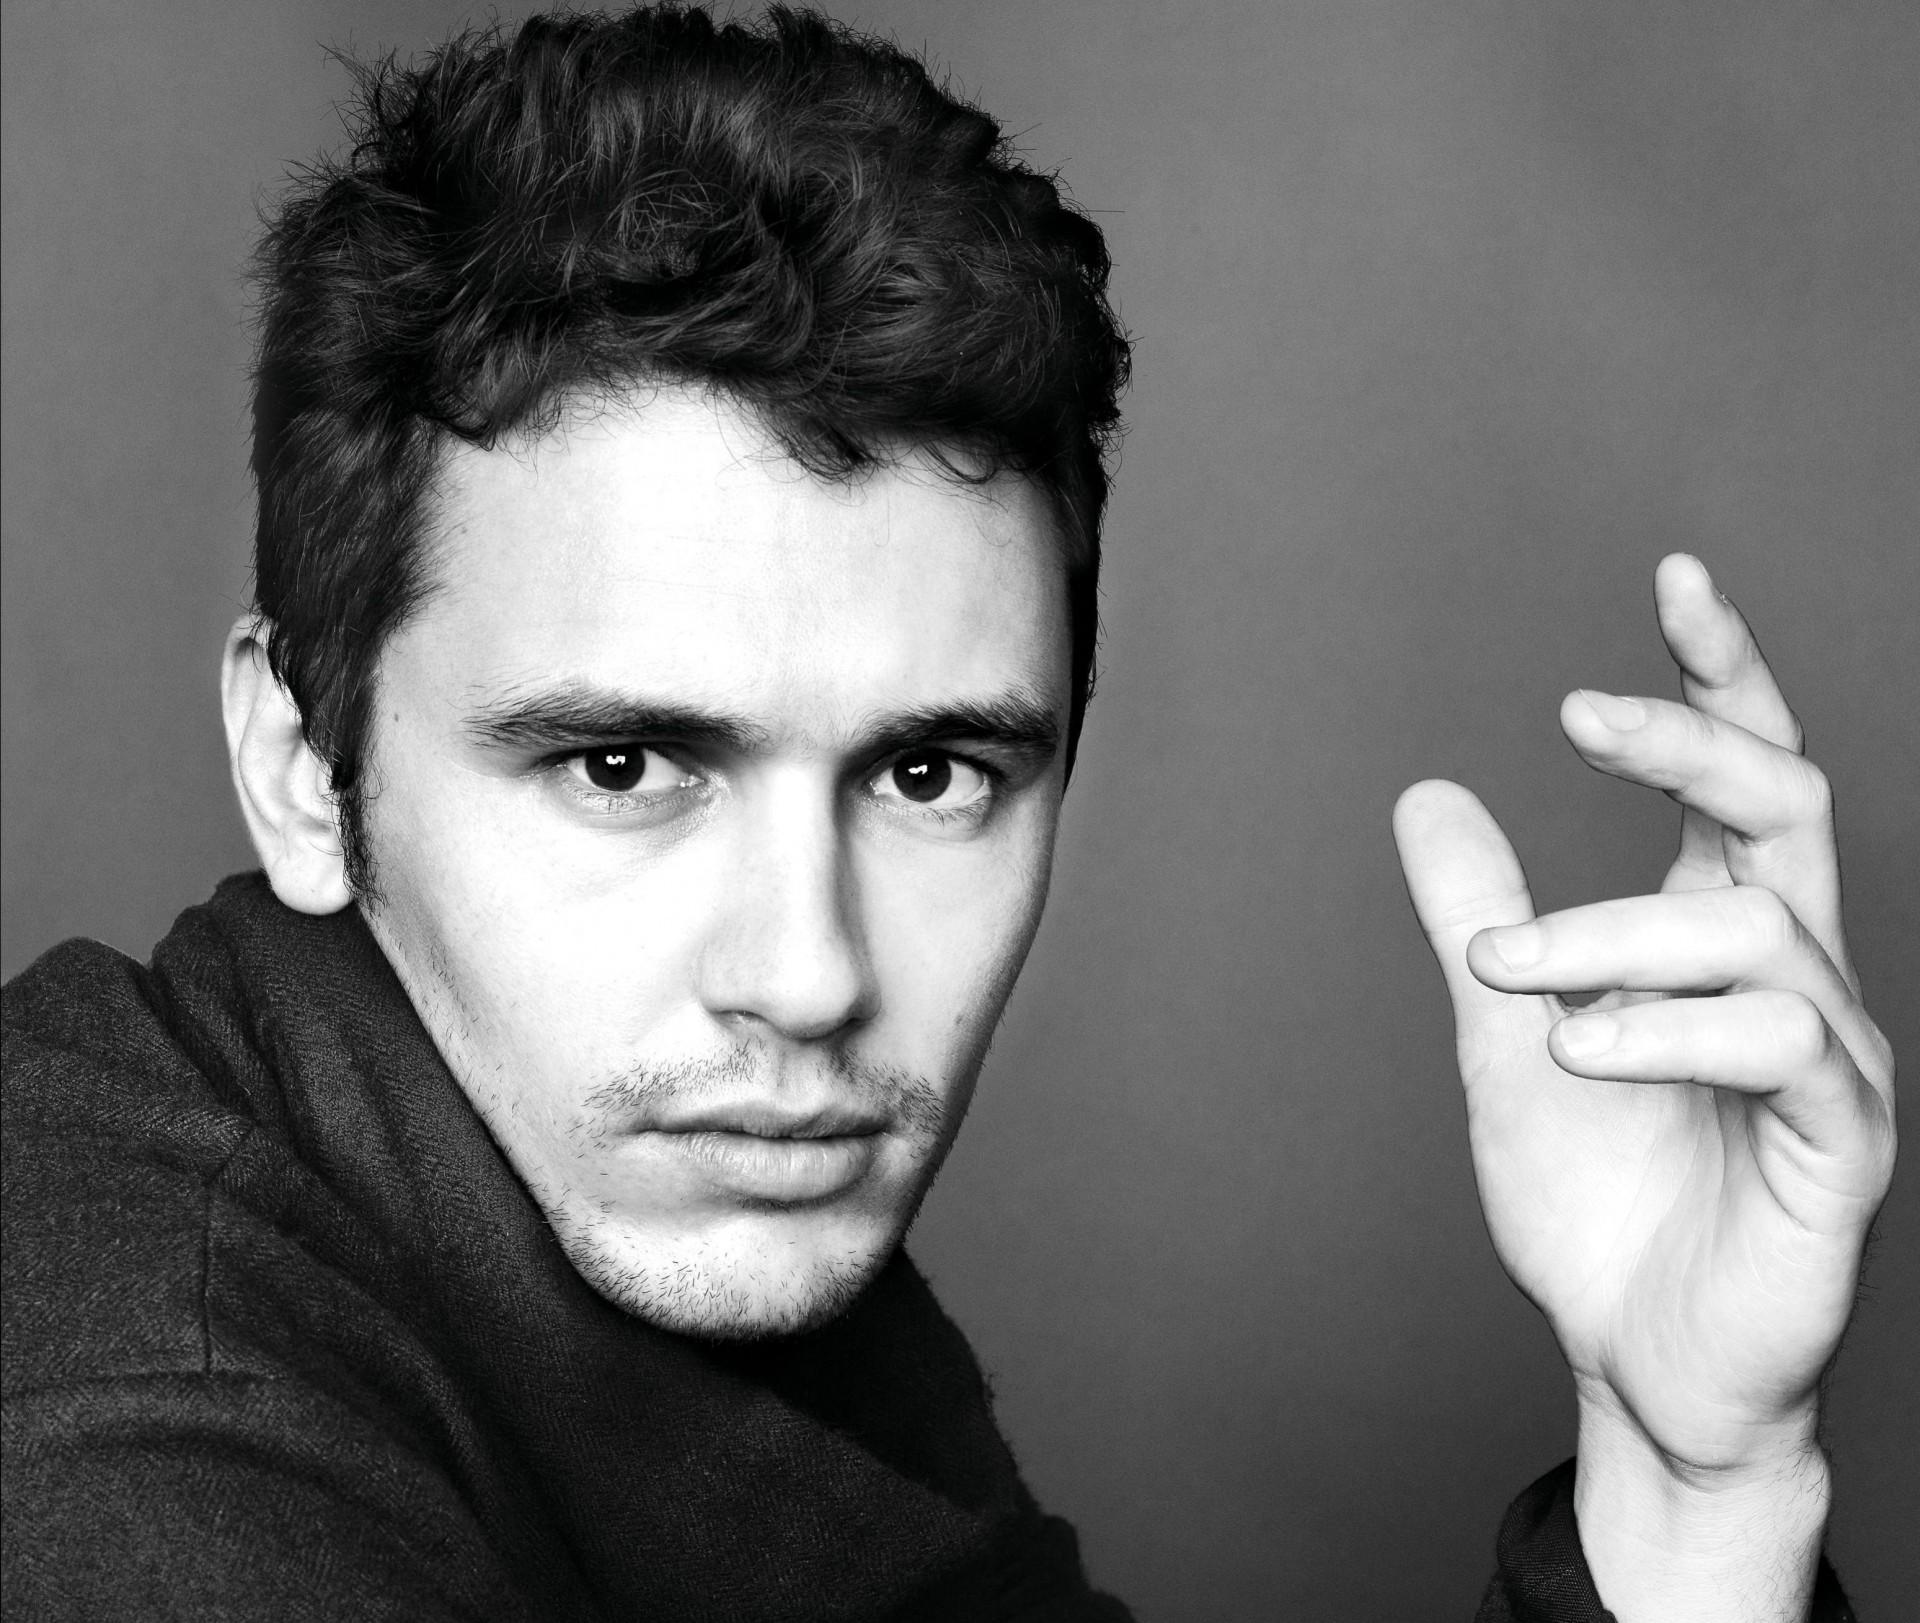 Самые сексуальные актеры россии мужчины с фото ххх дамы мамочки